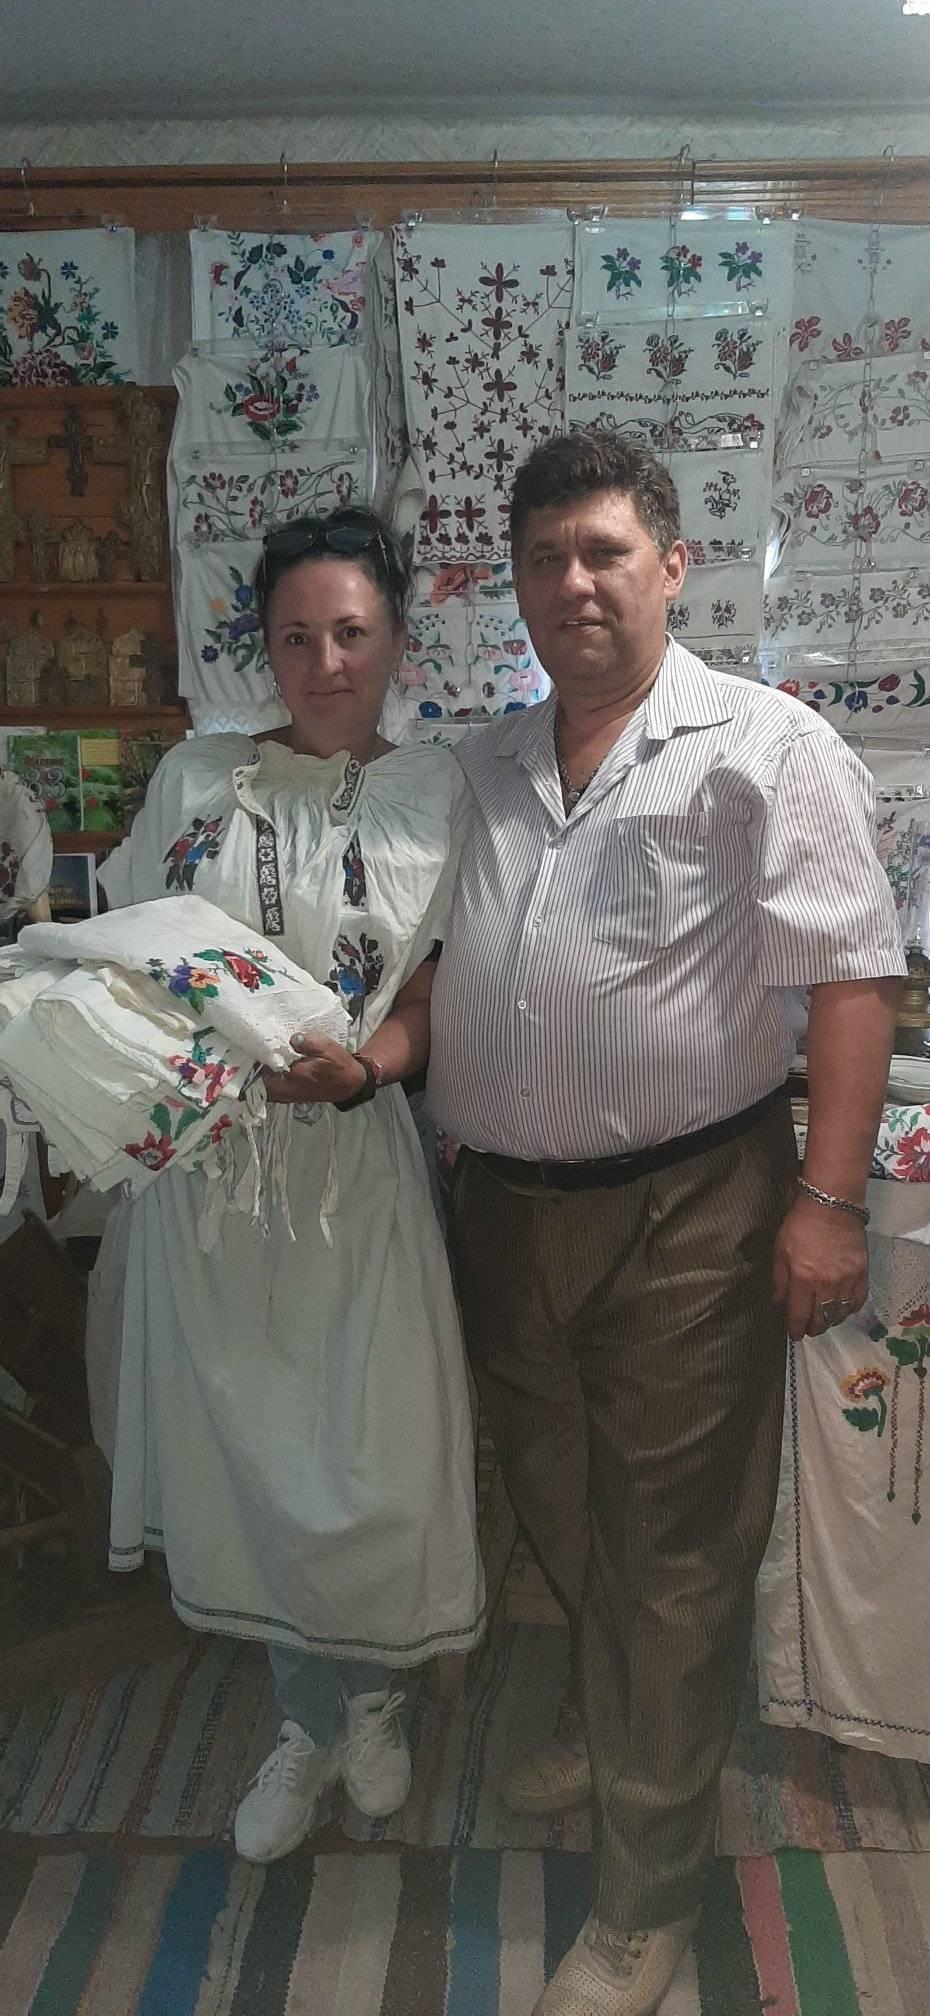 Лялькова колекція добрянця Сергія Коноваленка, що гідна рекорду, поповнюється новими експонатами (Фото)